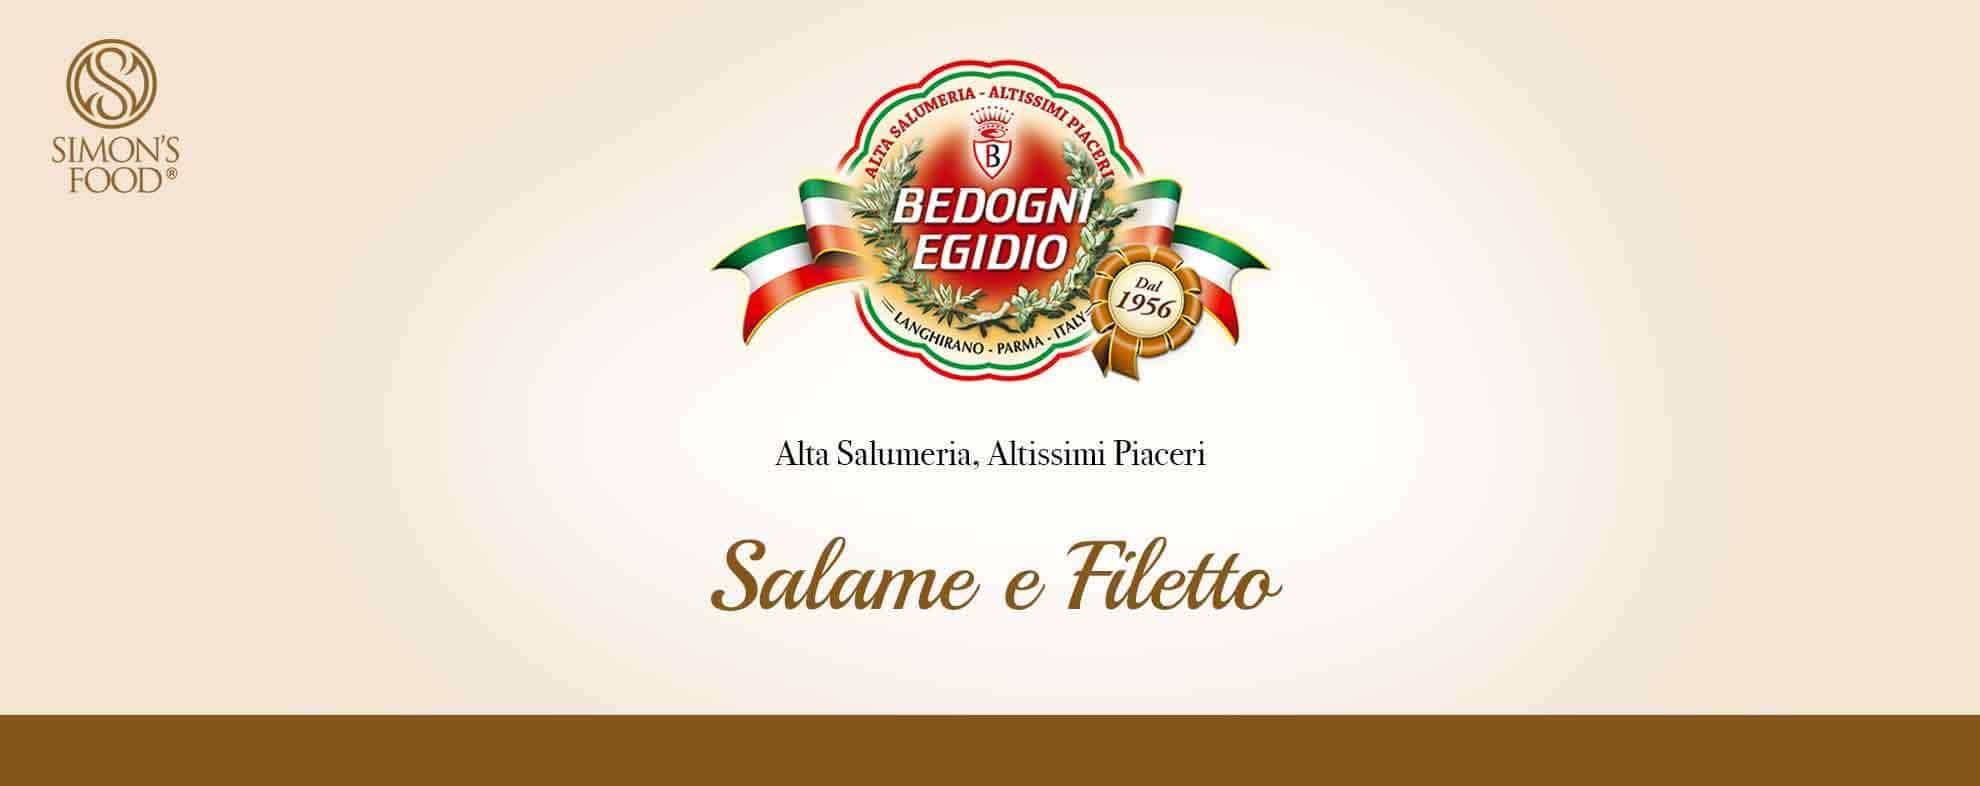 Prosciuttificio Bedogni - Salame e Filetto